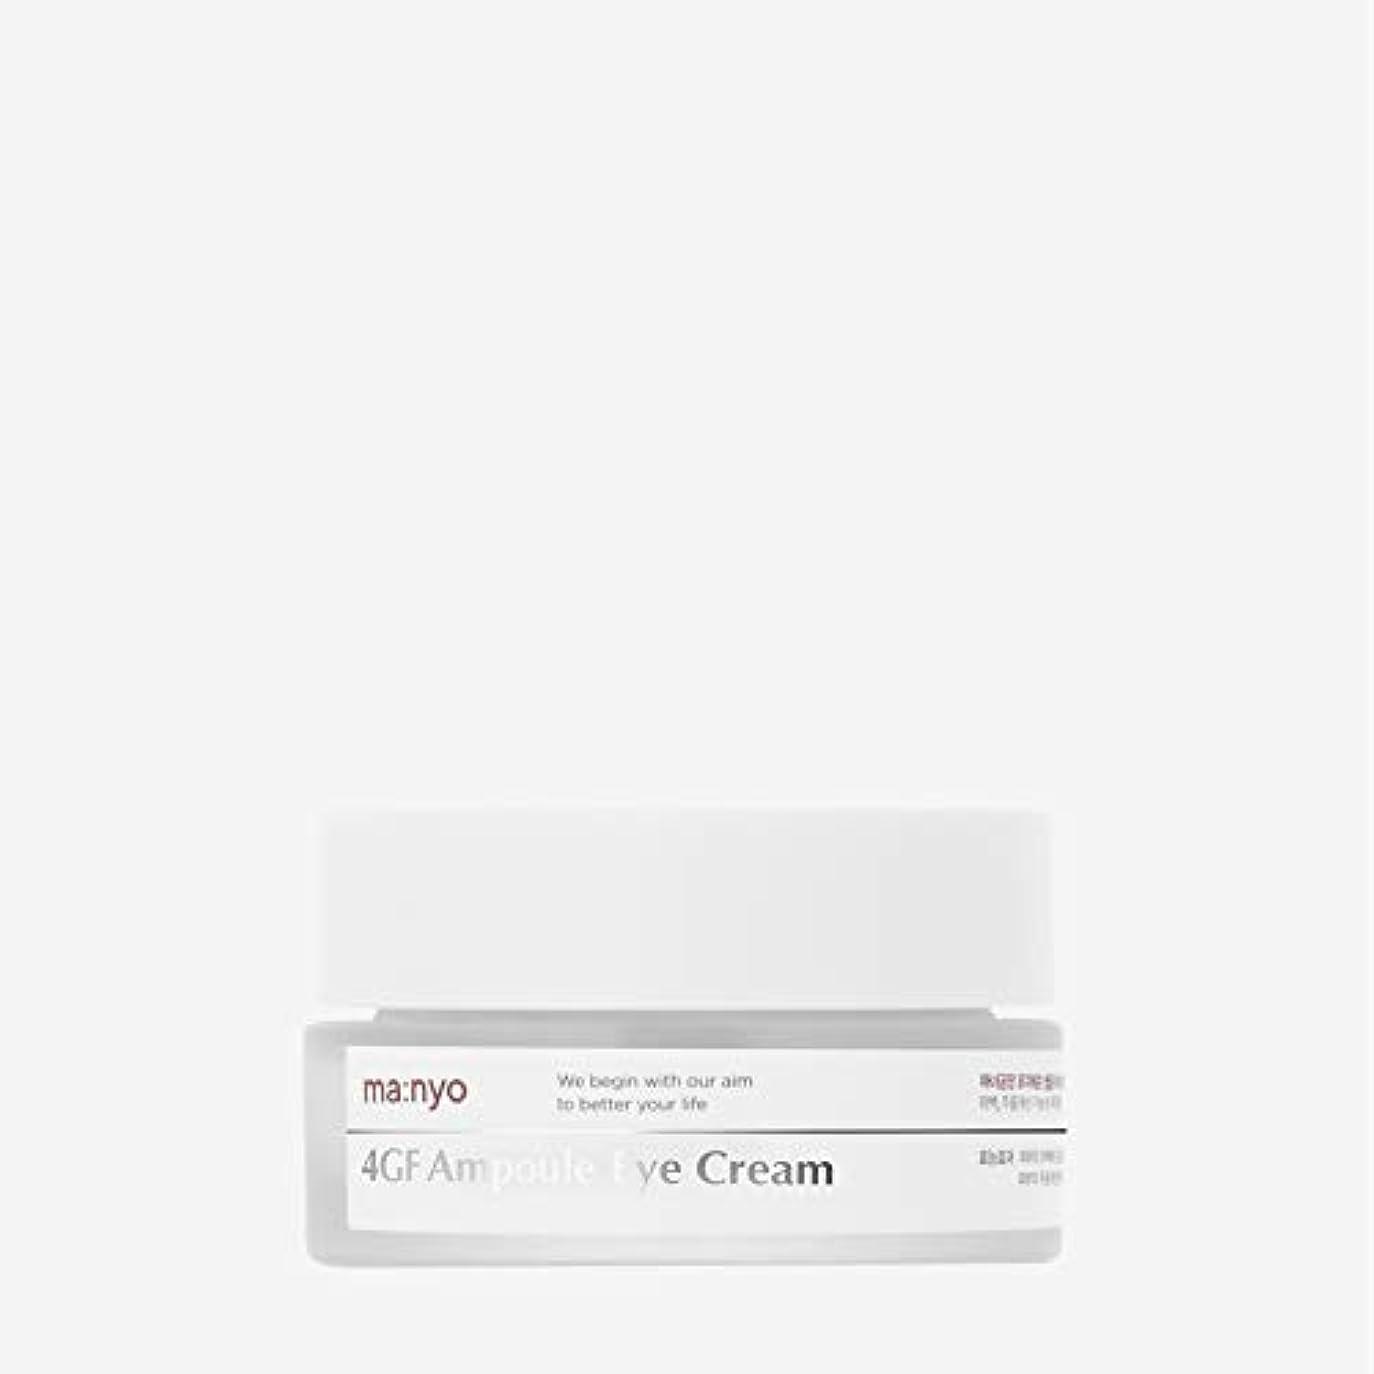 切手栄光の連鎖魔女工場(Manyo Factory) 4GFアイクリーム 30ml / 死ぬまでに1度は塗ってみたい、その成分 [並行輸入品]